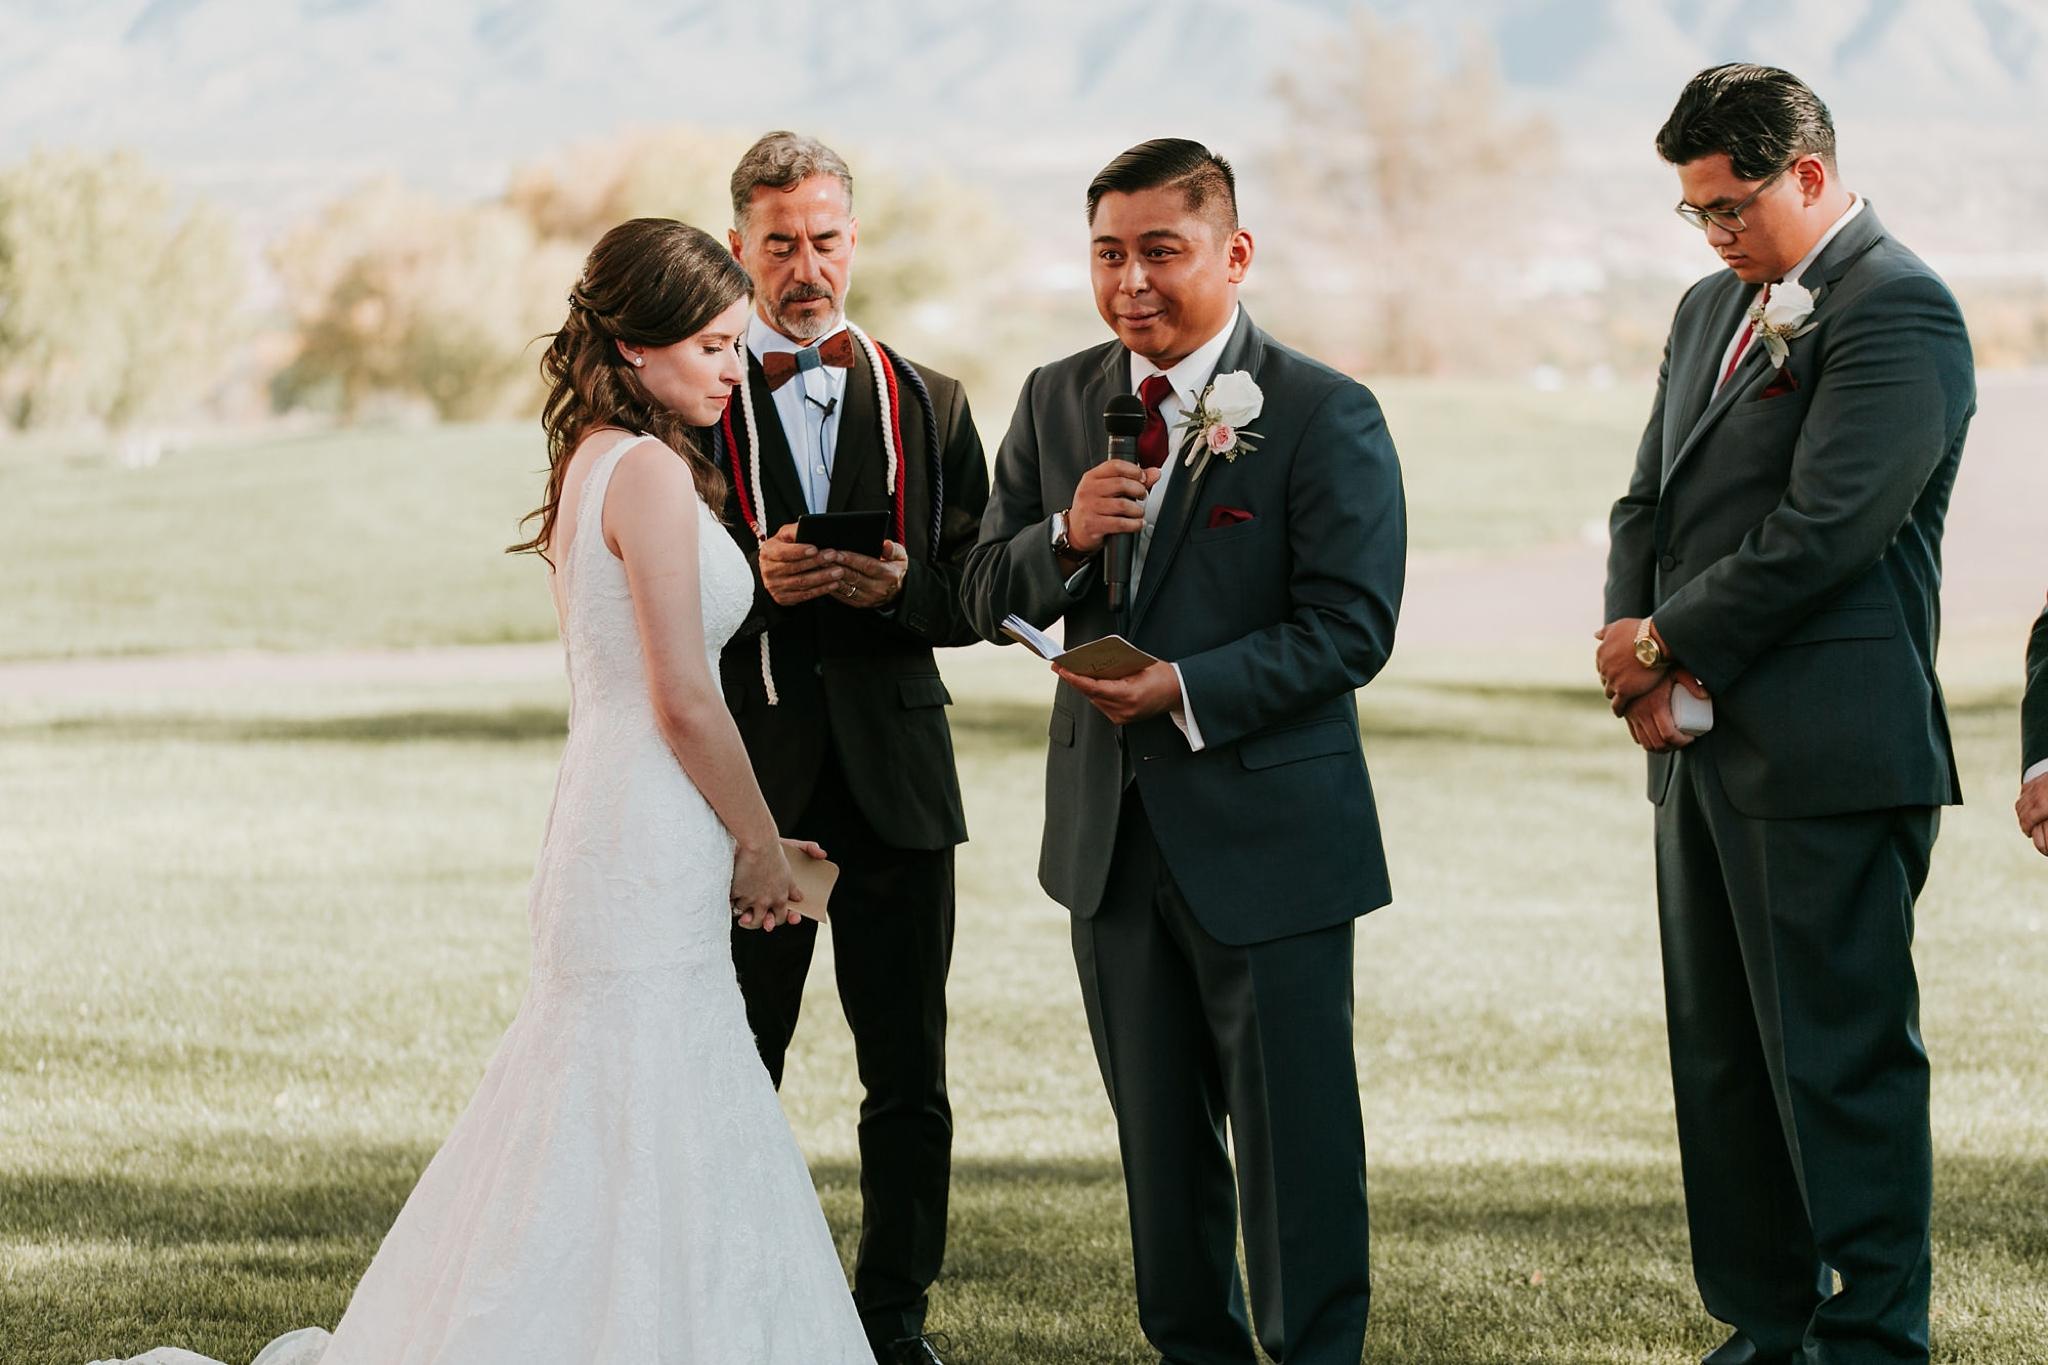 Alicia+lucia+photography+-+albuquerque+wedding+photographer+-+santa+fe+wedding+photography+-+new+mexico+wedding+photographer+-+new+mexico+wedding+-+wedding+vows+-+writing+your+own+vows+-+wedding+inspo_0006.jpg